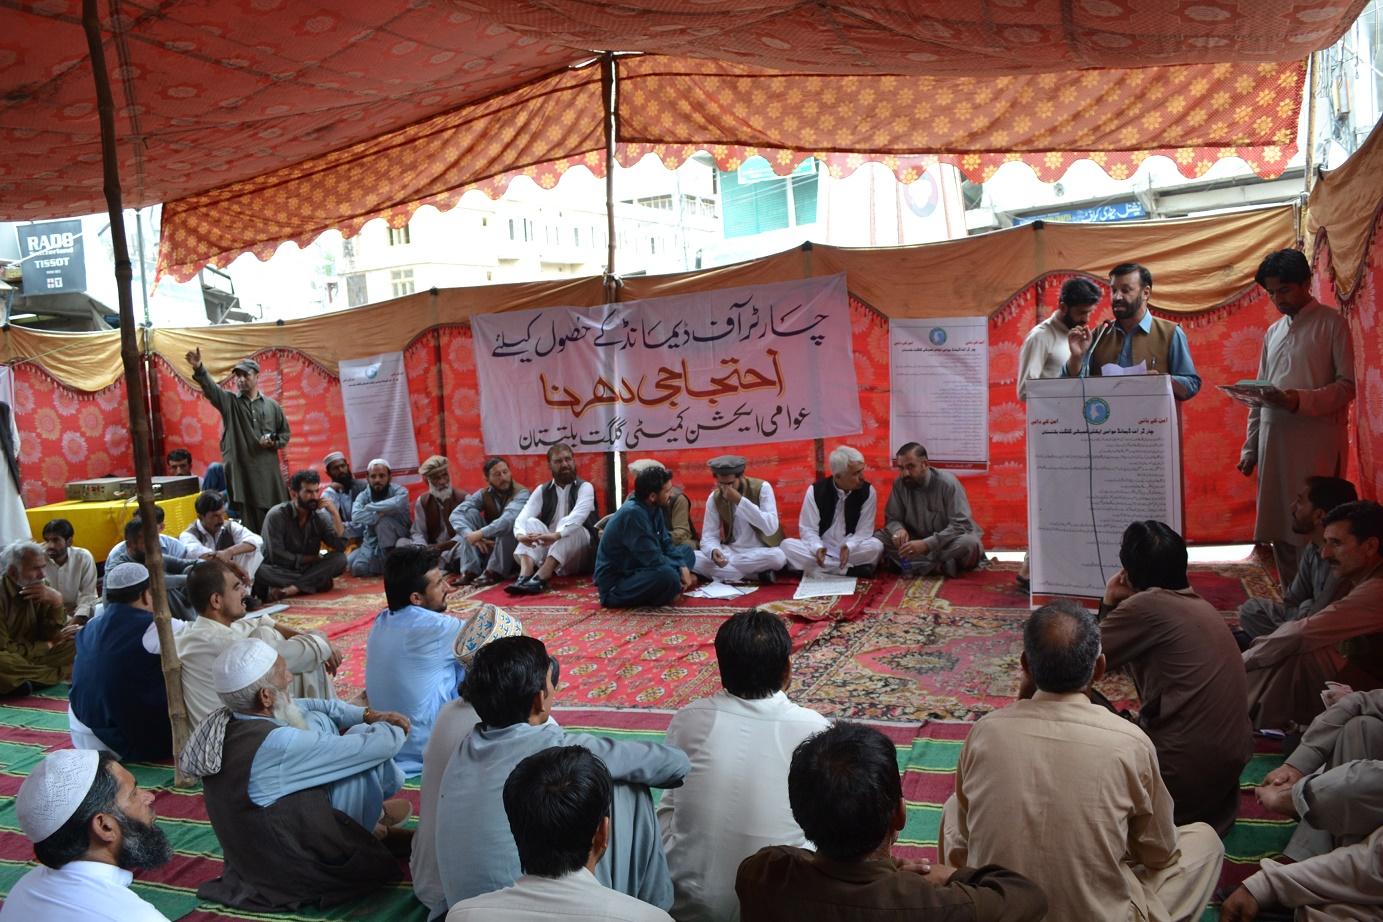 عوامی ایکشن کمیٹی گلگت بلتستان کے رہنماوں اور اراکین کے خلاف دو مقدمات درج